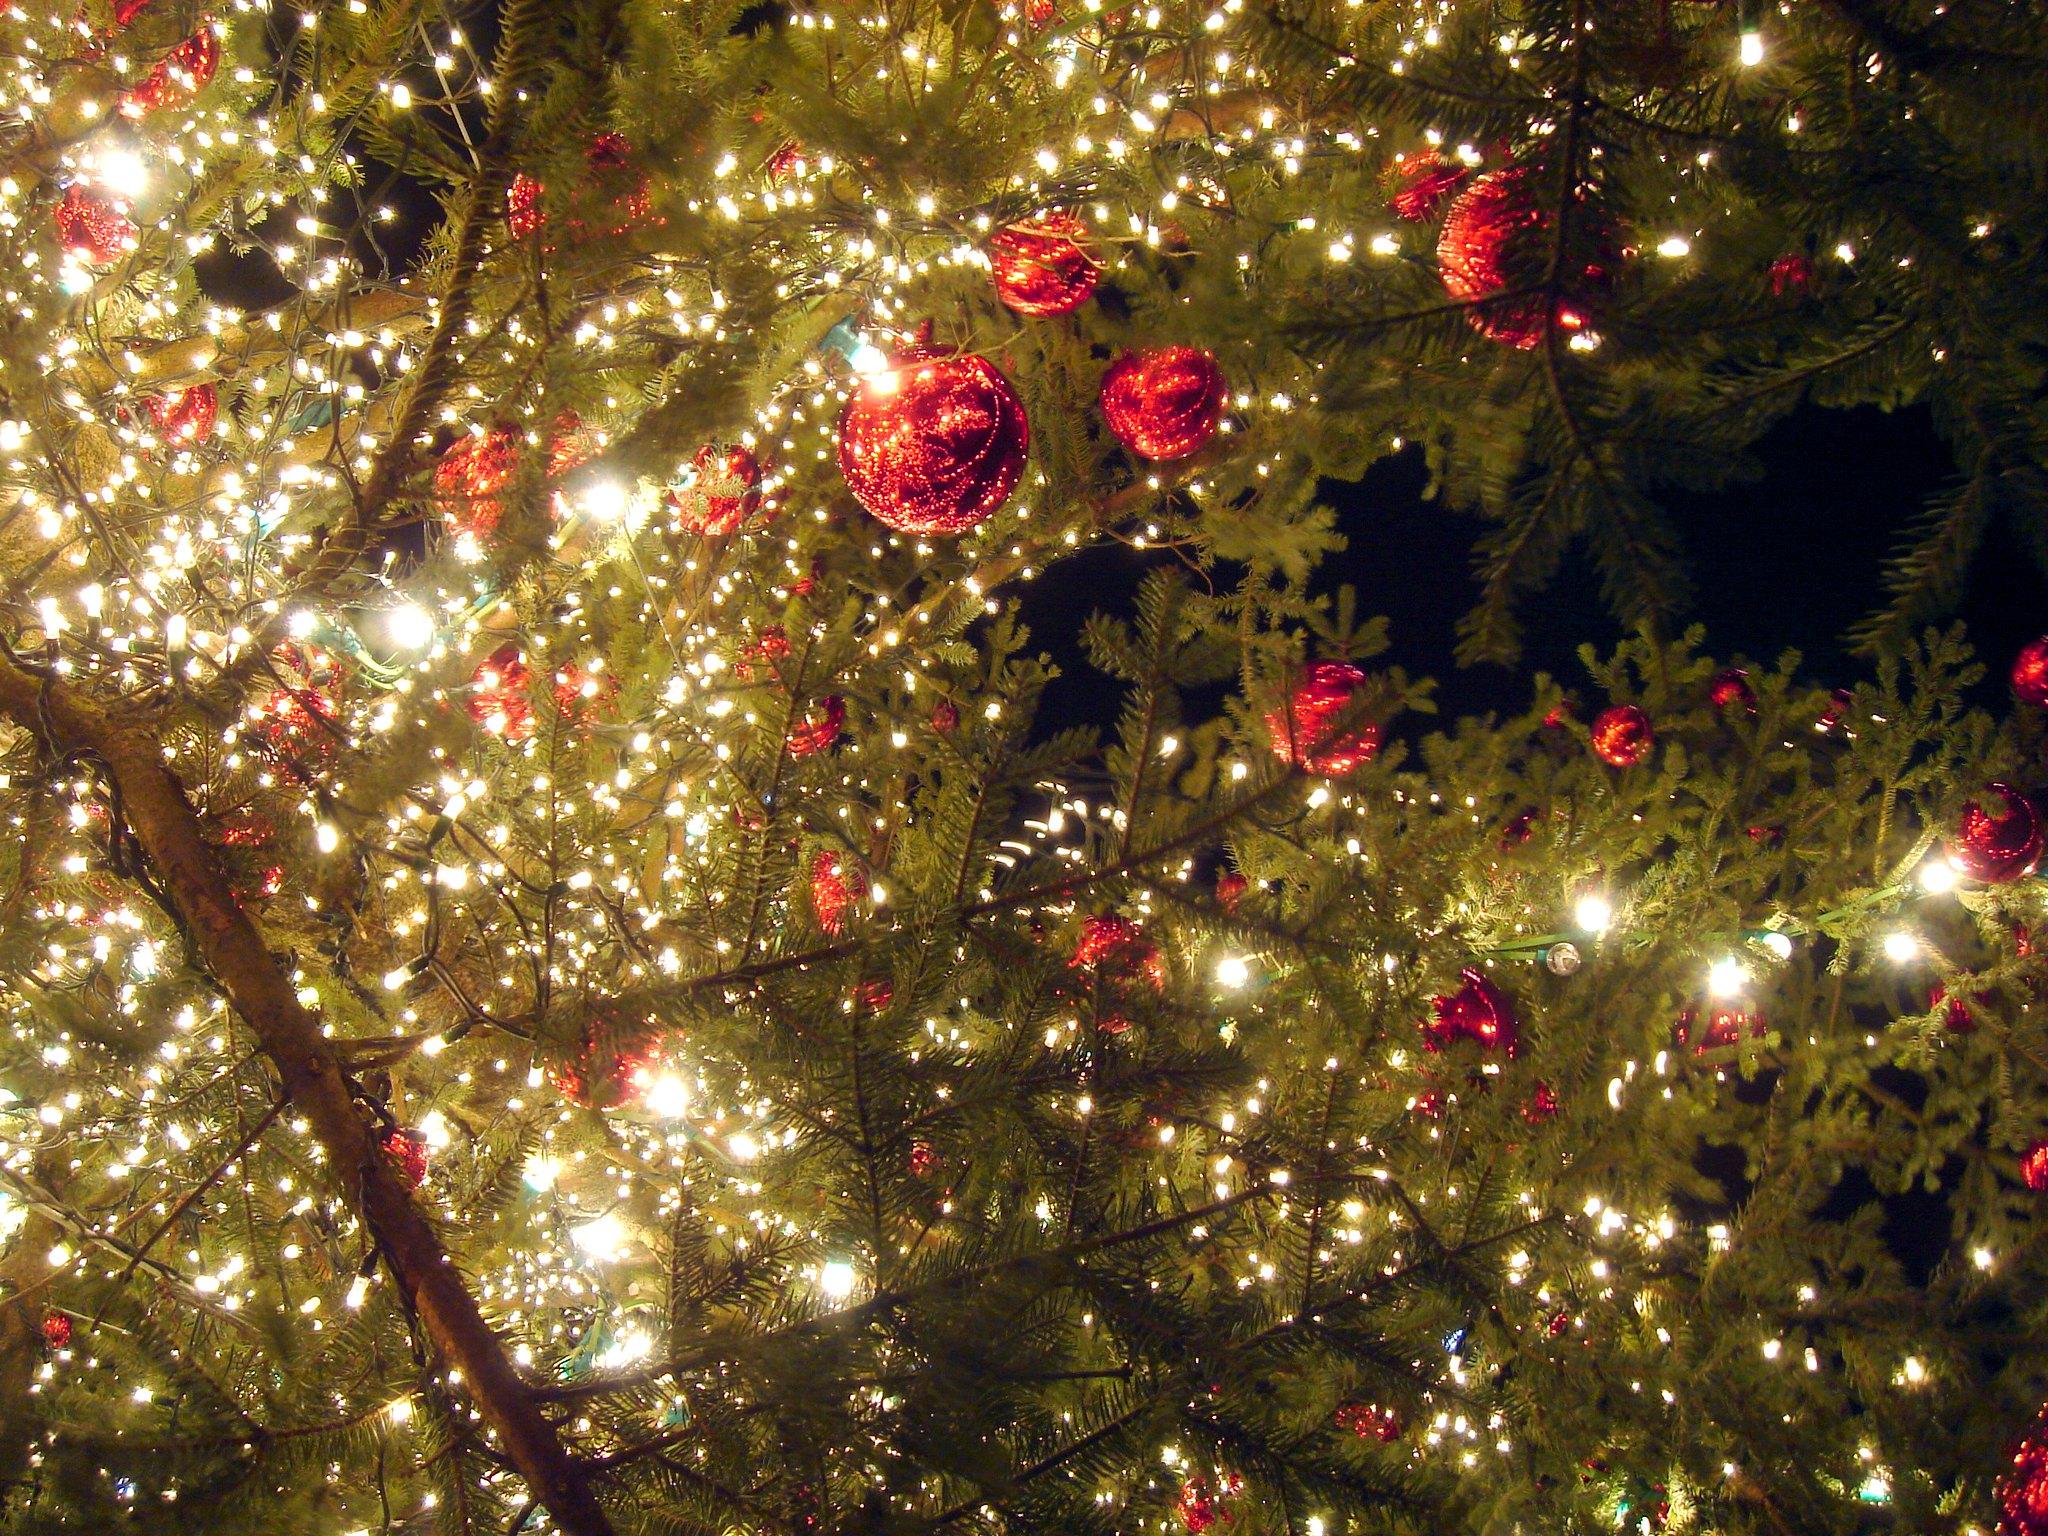 6 tradições natalinas curiosas ao redor do mundo